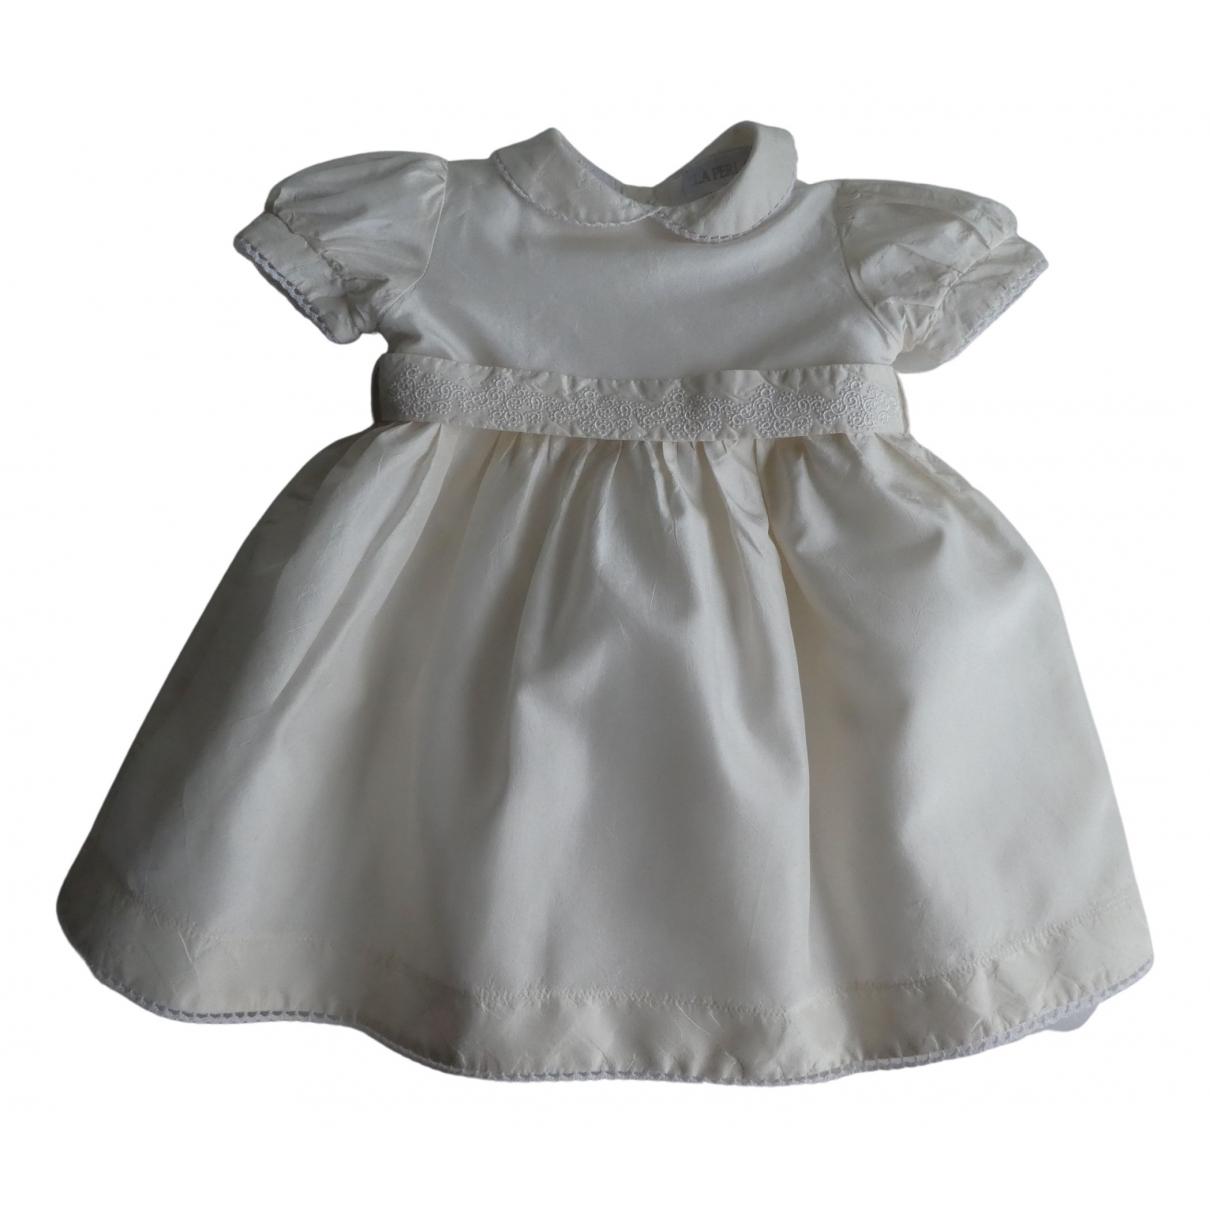 La Perla \N Kleid in  Ecru Seide